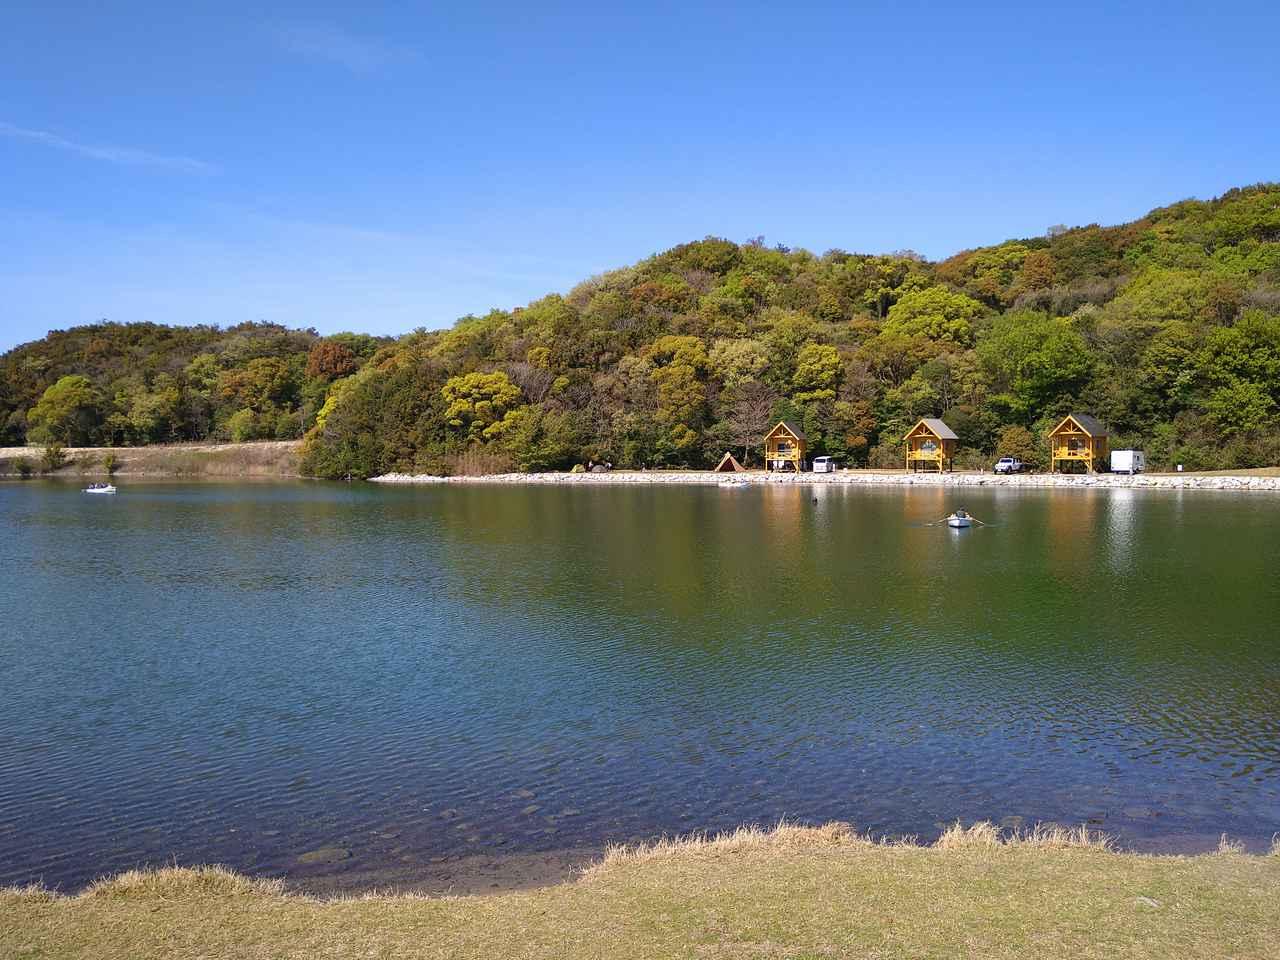 【香川県】「大池オートキャンプ場」でカヌーやボート!設備充実で初心者にもおすすめ